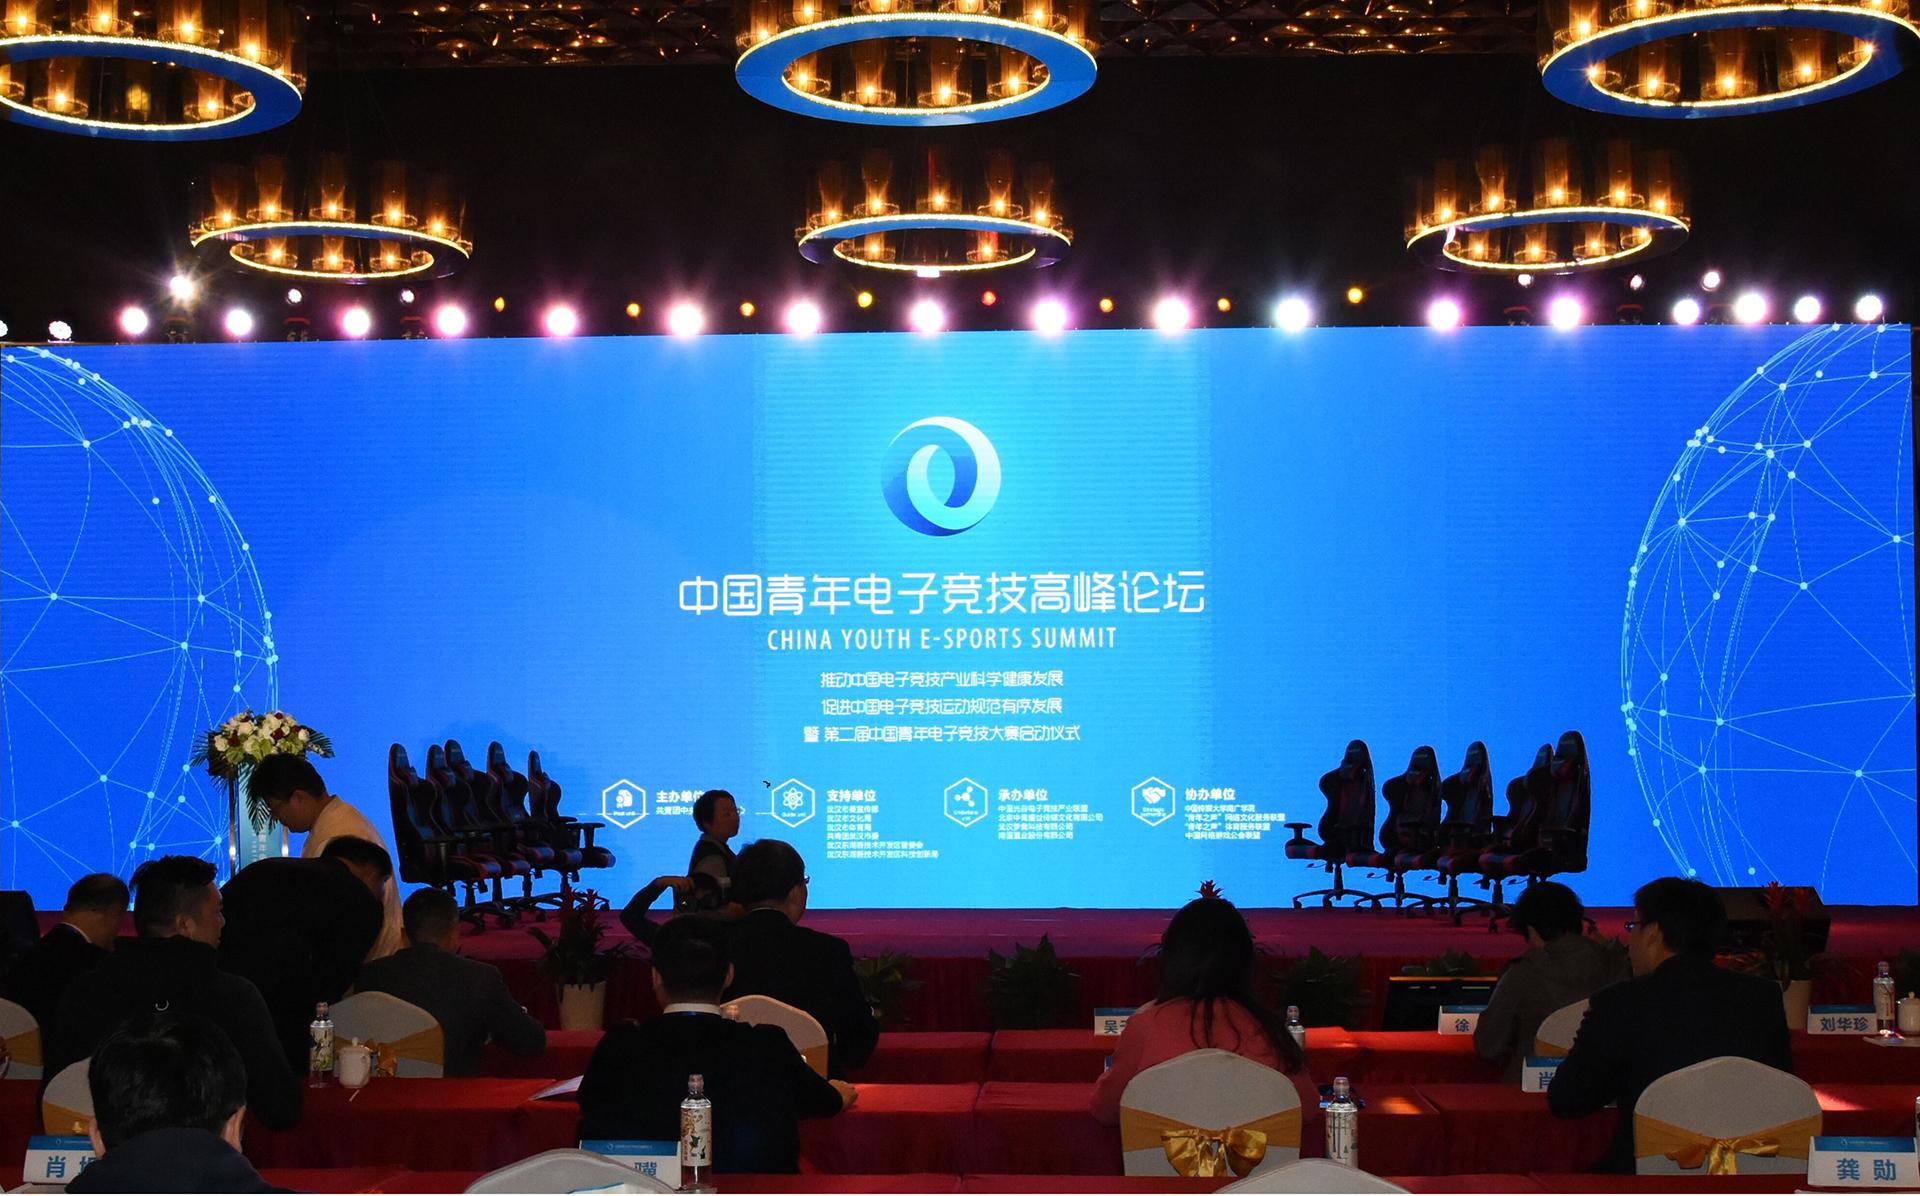 中国青年电子竞技高峰论坛暨第二届中国青年电子竞技大赛启动仪式成功举办